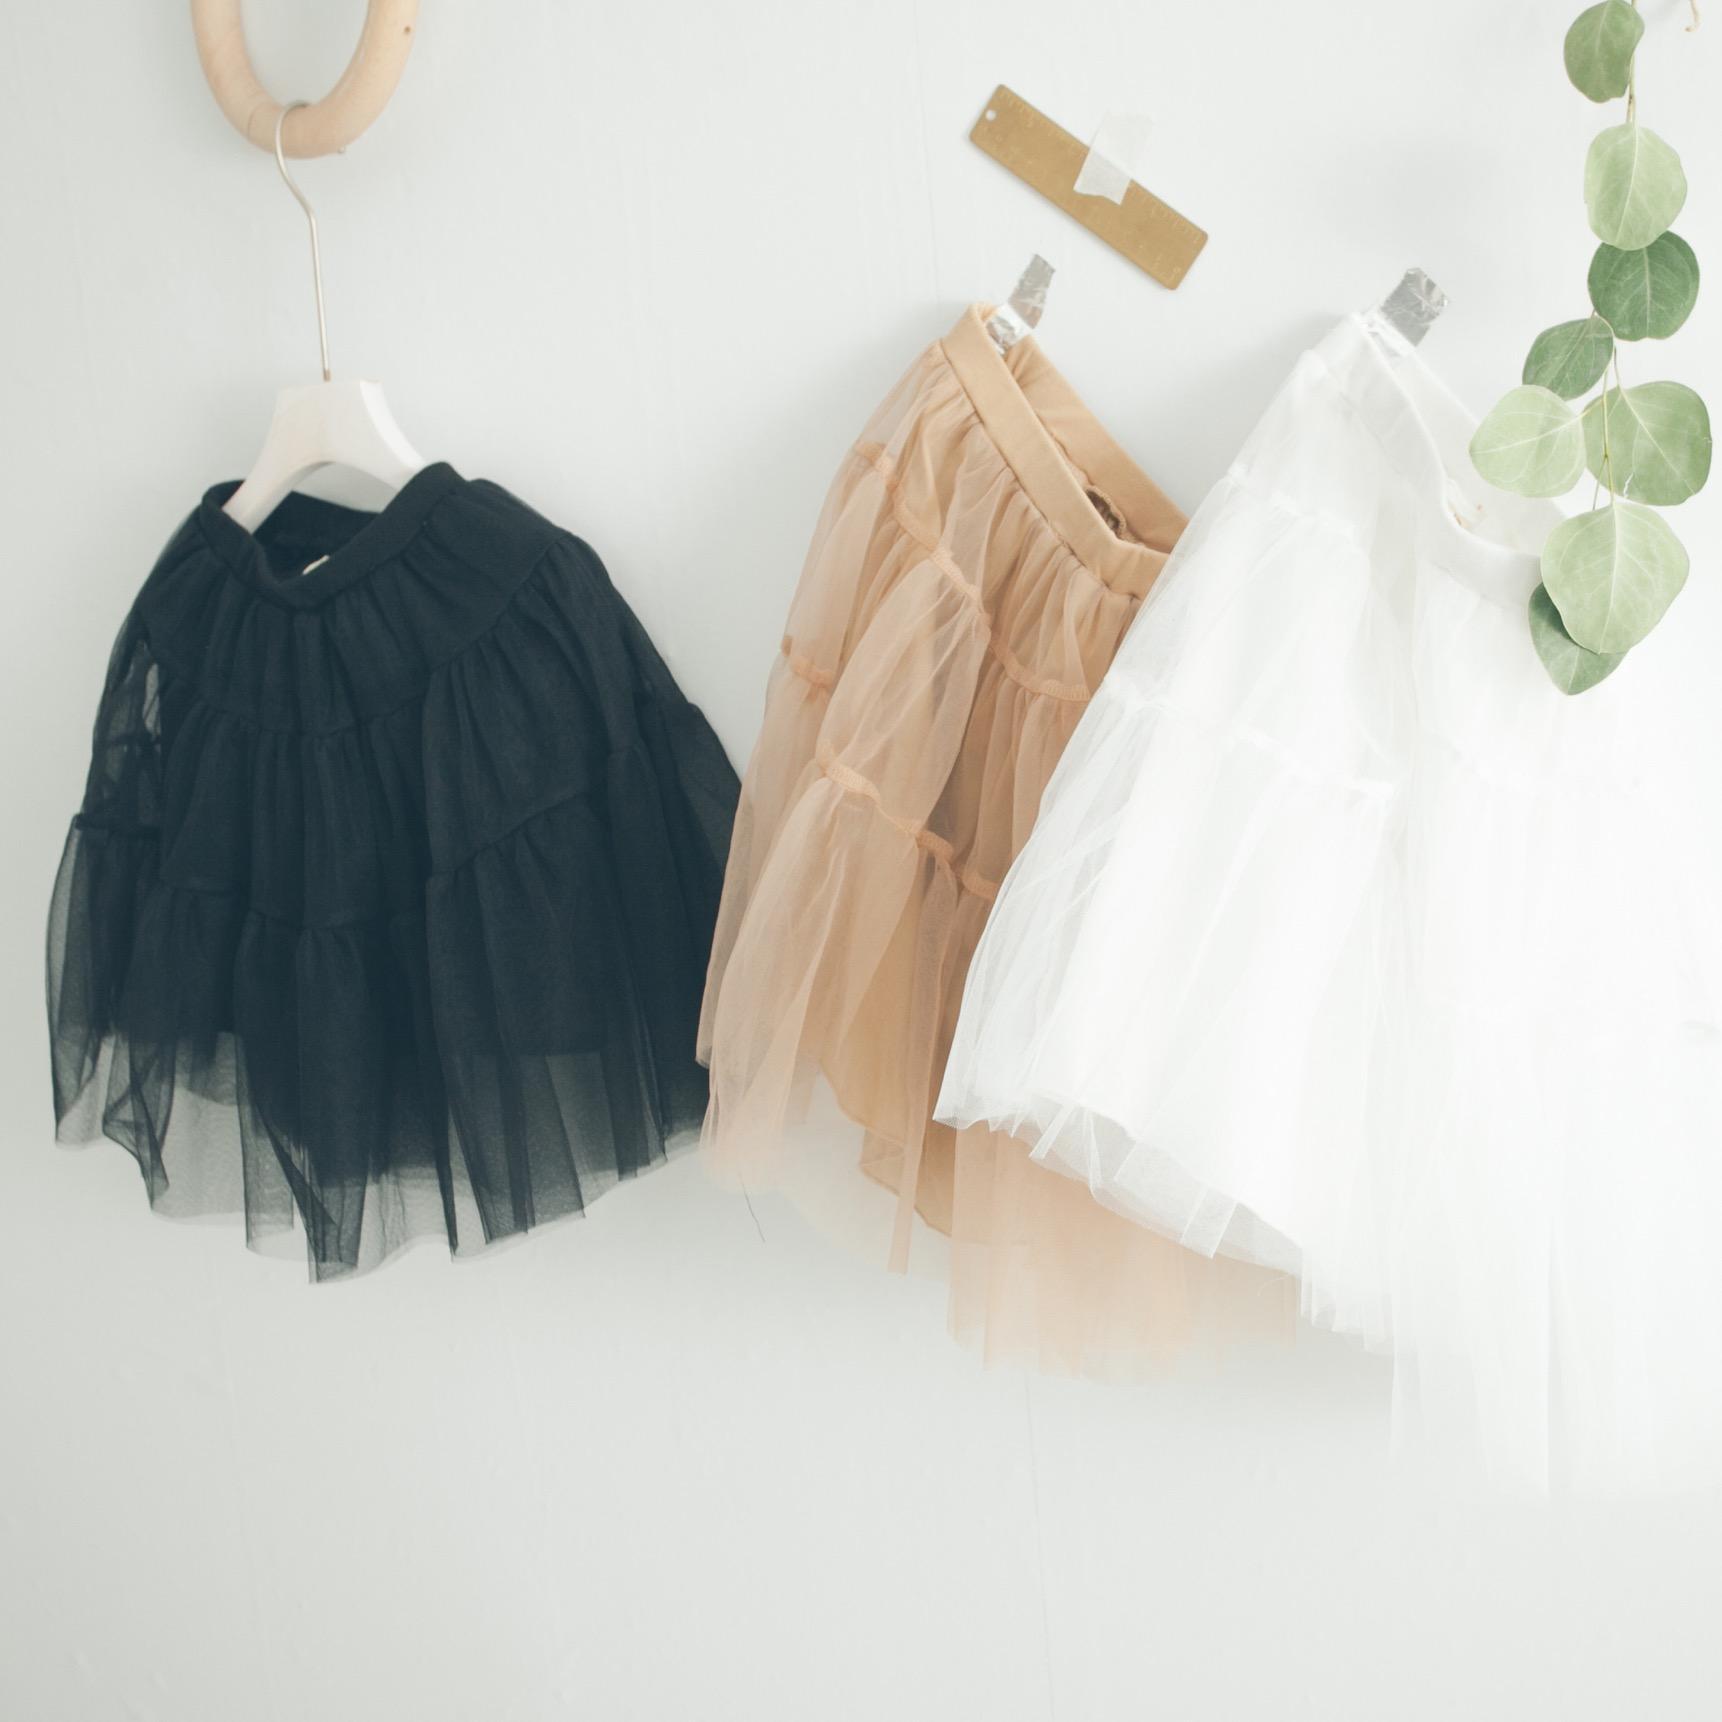 FM отличное качество Осень ins inshies дети девушки юбки туту добрый прекрасный высокий эластичный талию летом маленький